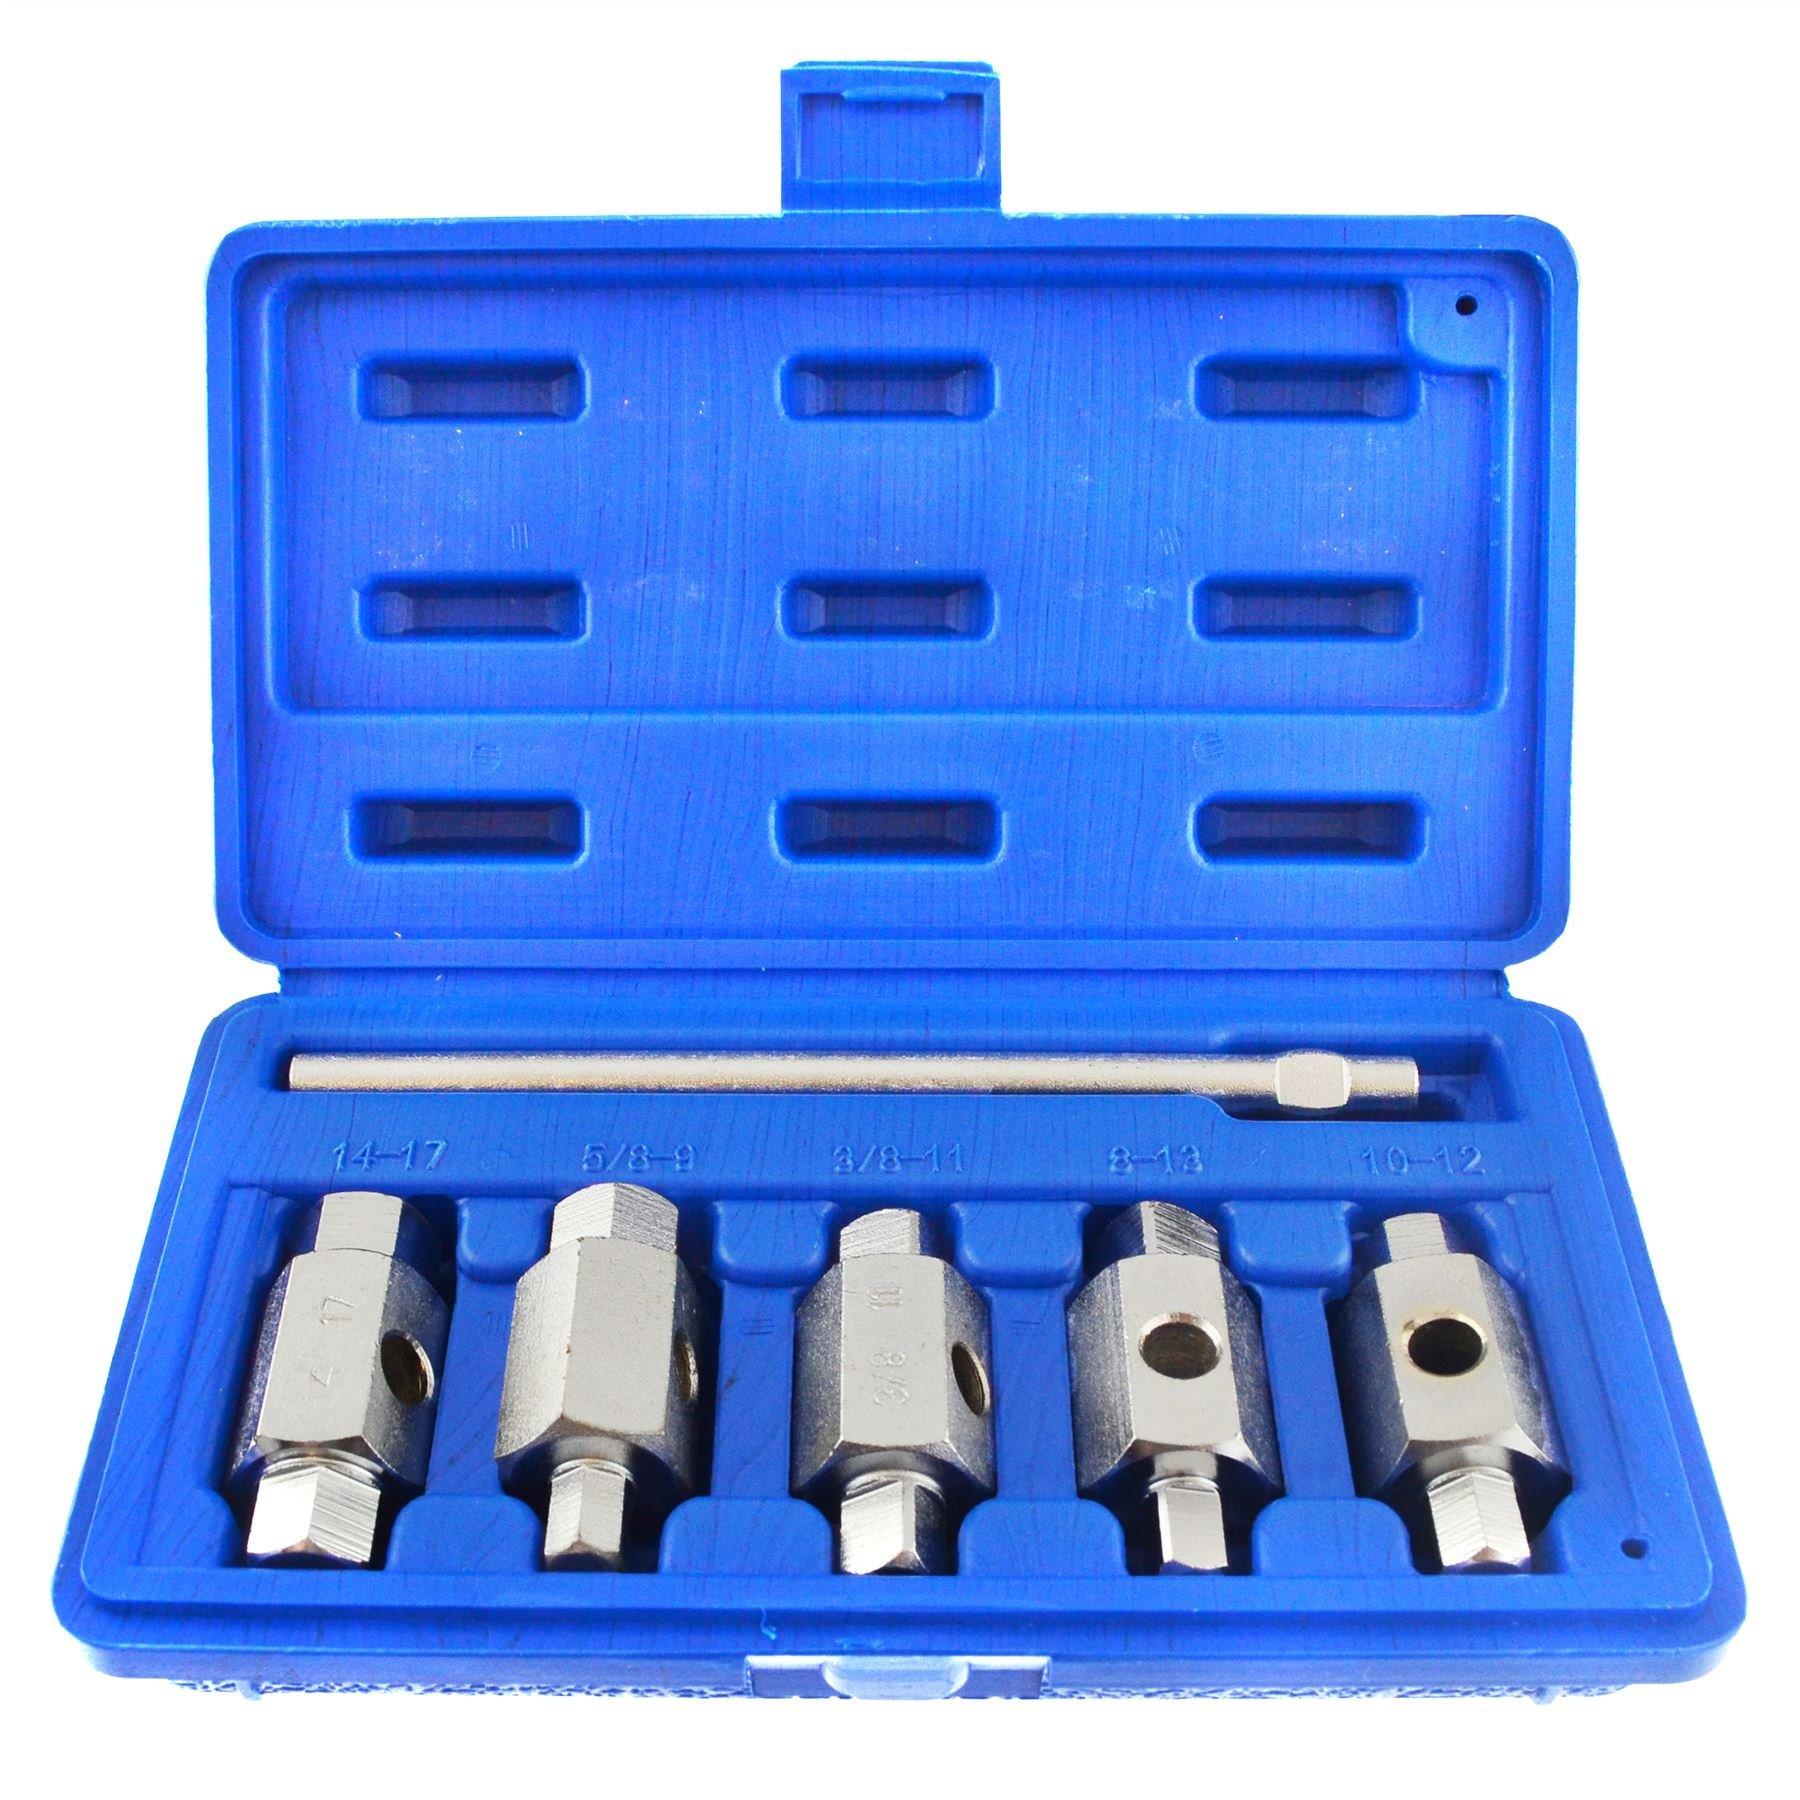 Drain Sump Plug Key Tool Set Axles Gear Box Car Repair Oil Change BERGEN AT969